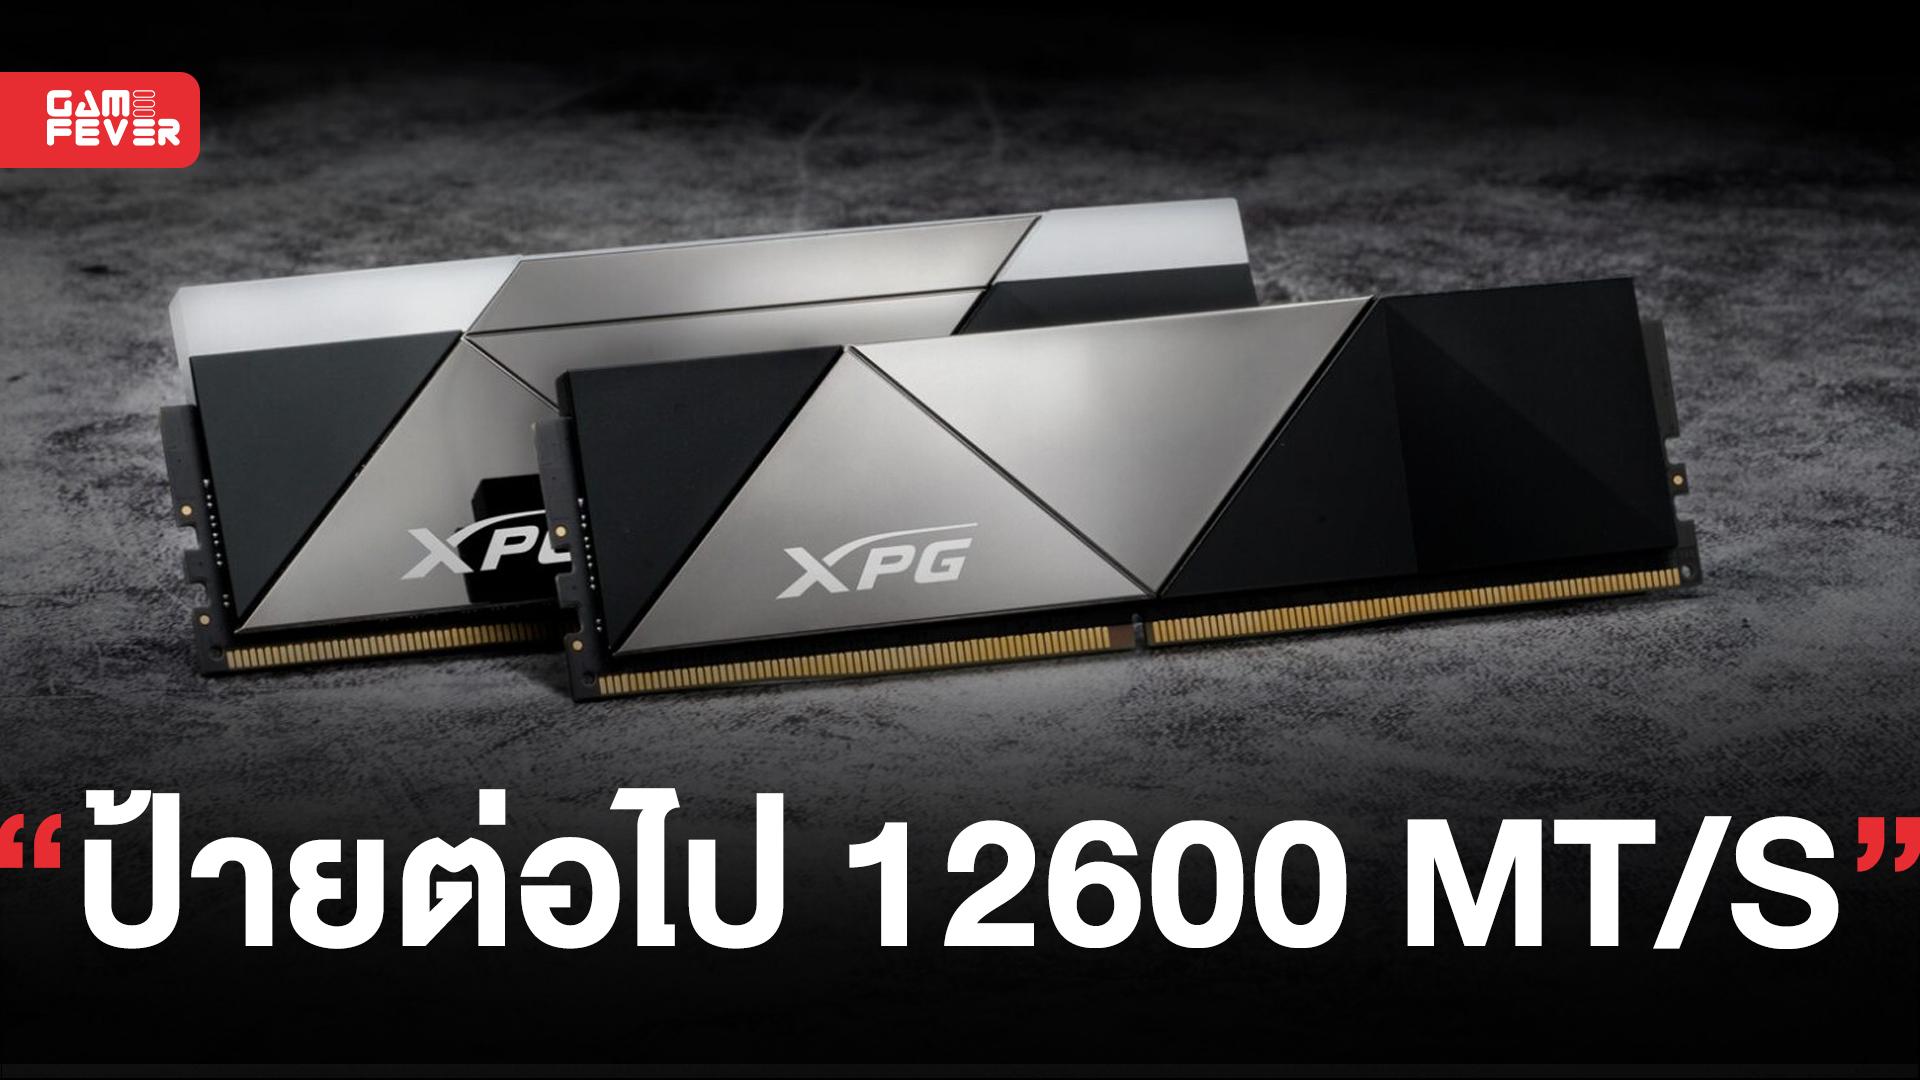 ADATA เผยแรม DDR5 สามารถ OC ได้ความเร็วมากกว่า 8100 MT/S แล้ว